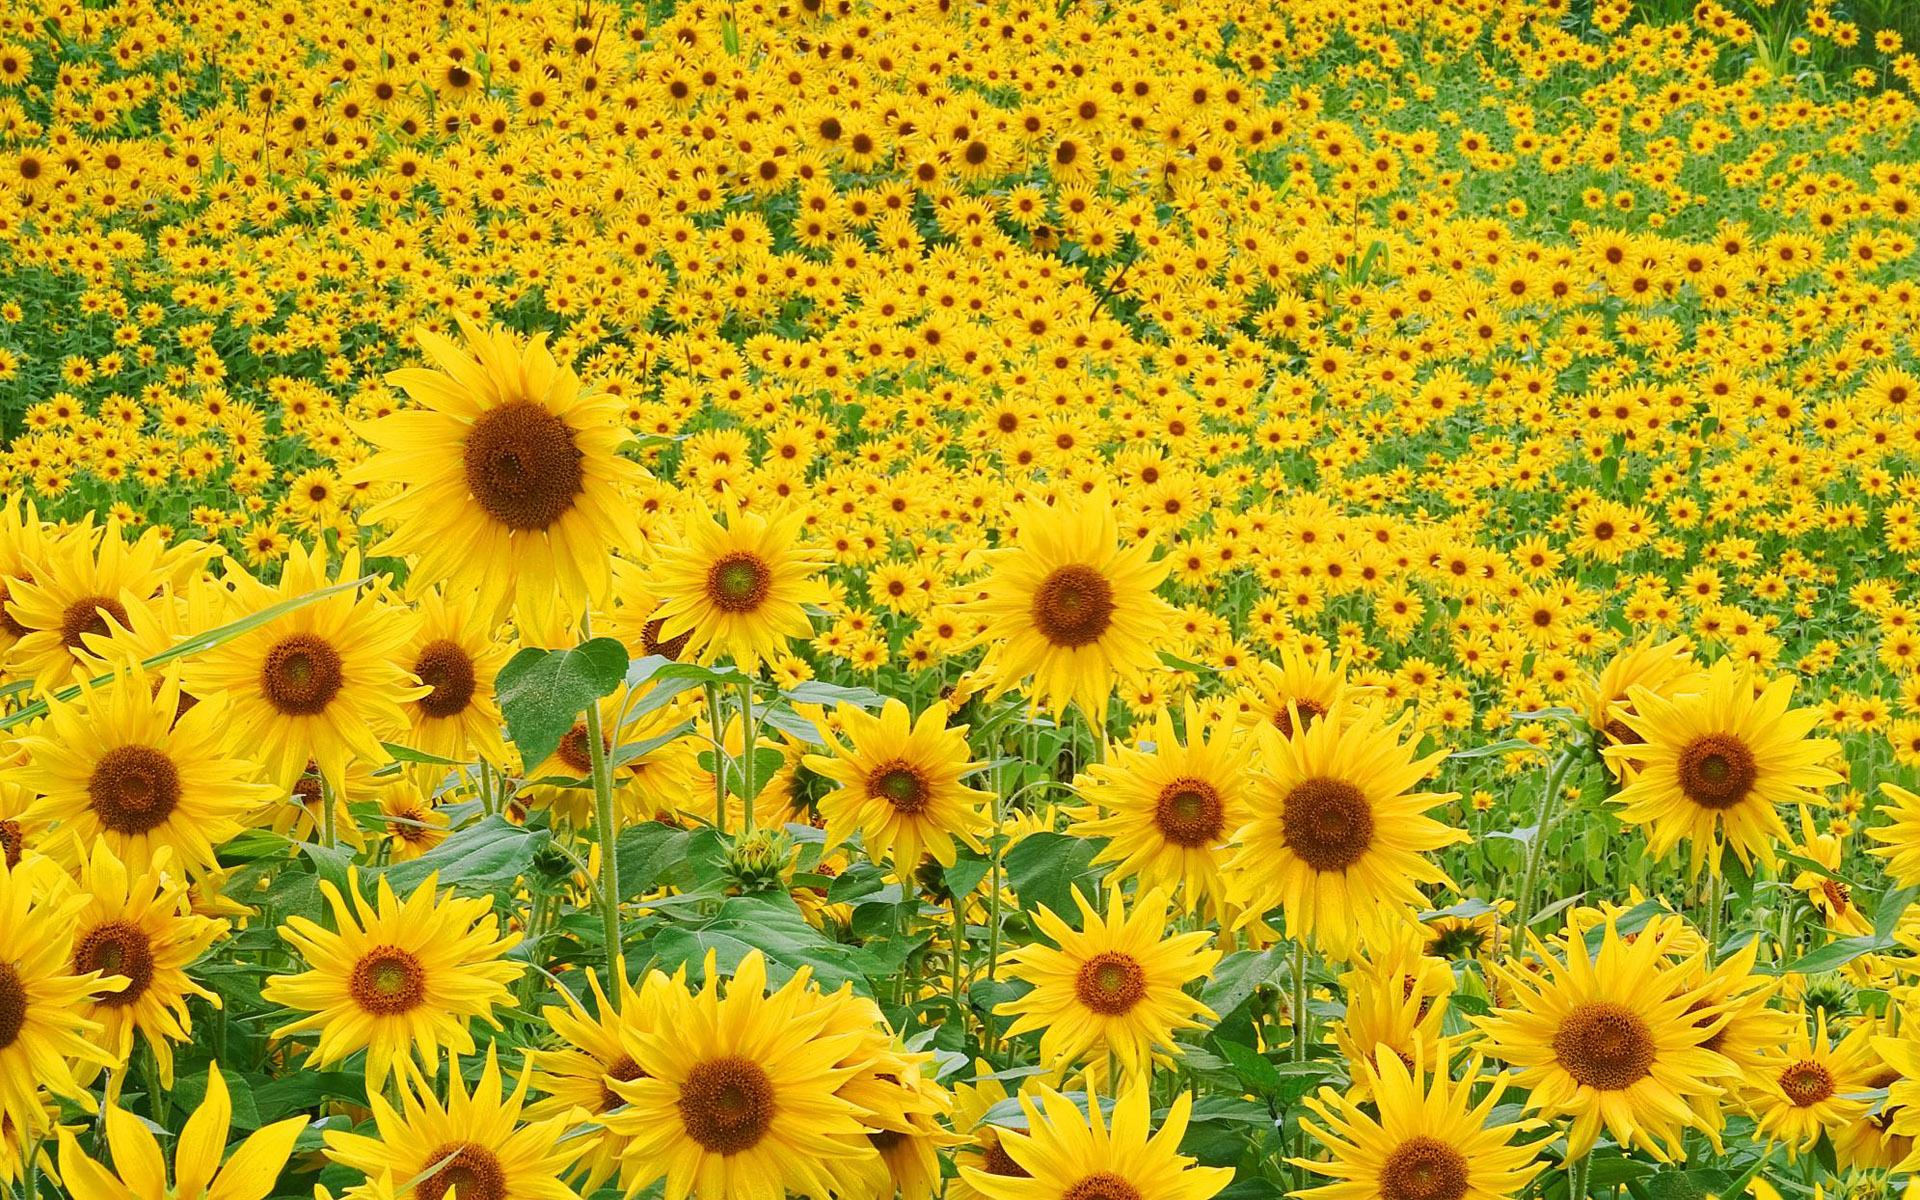 Sunflower Field Wallpaper 2324 HD Wallpaper 3D Desktop 1920x1200